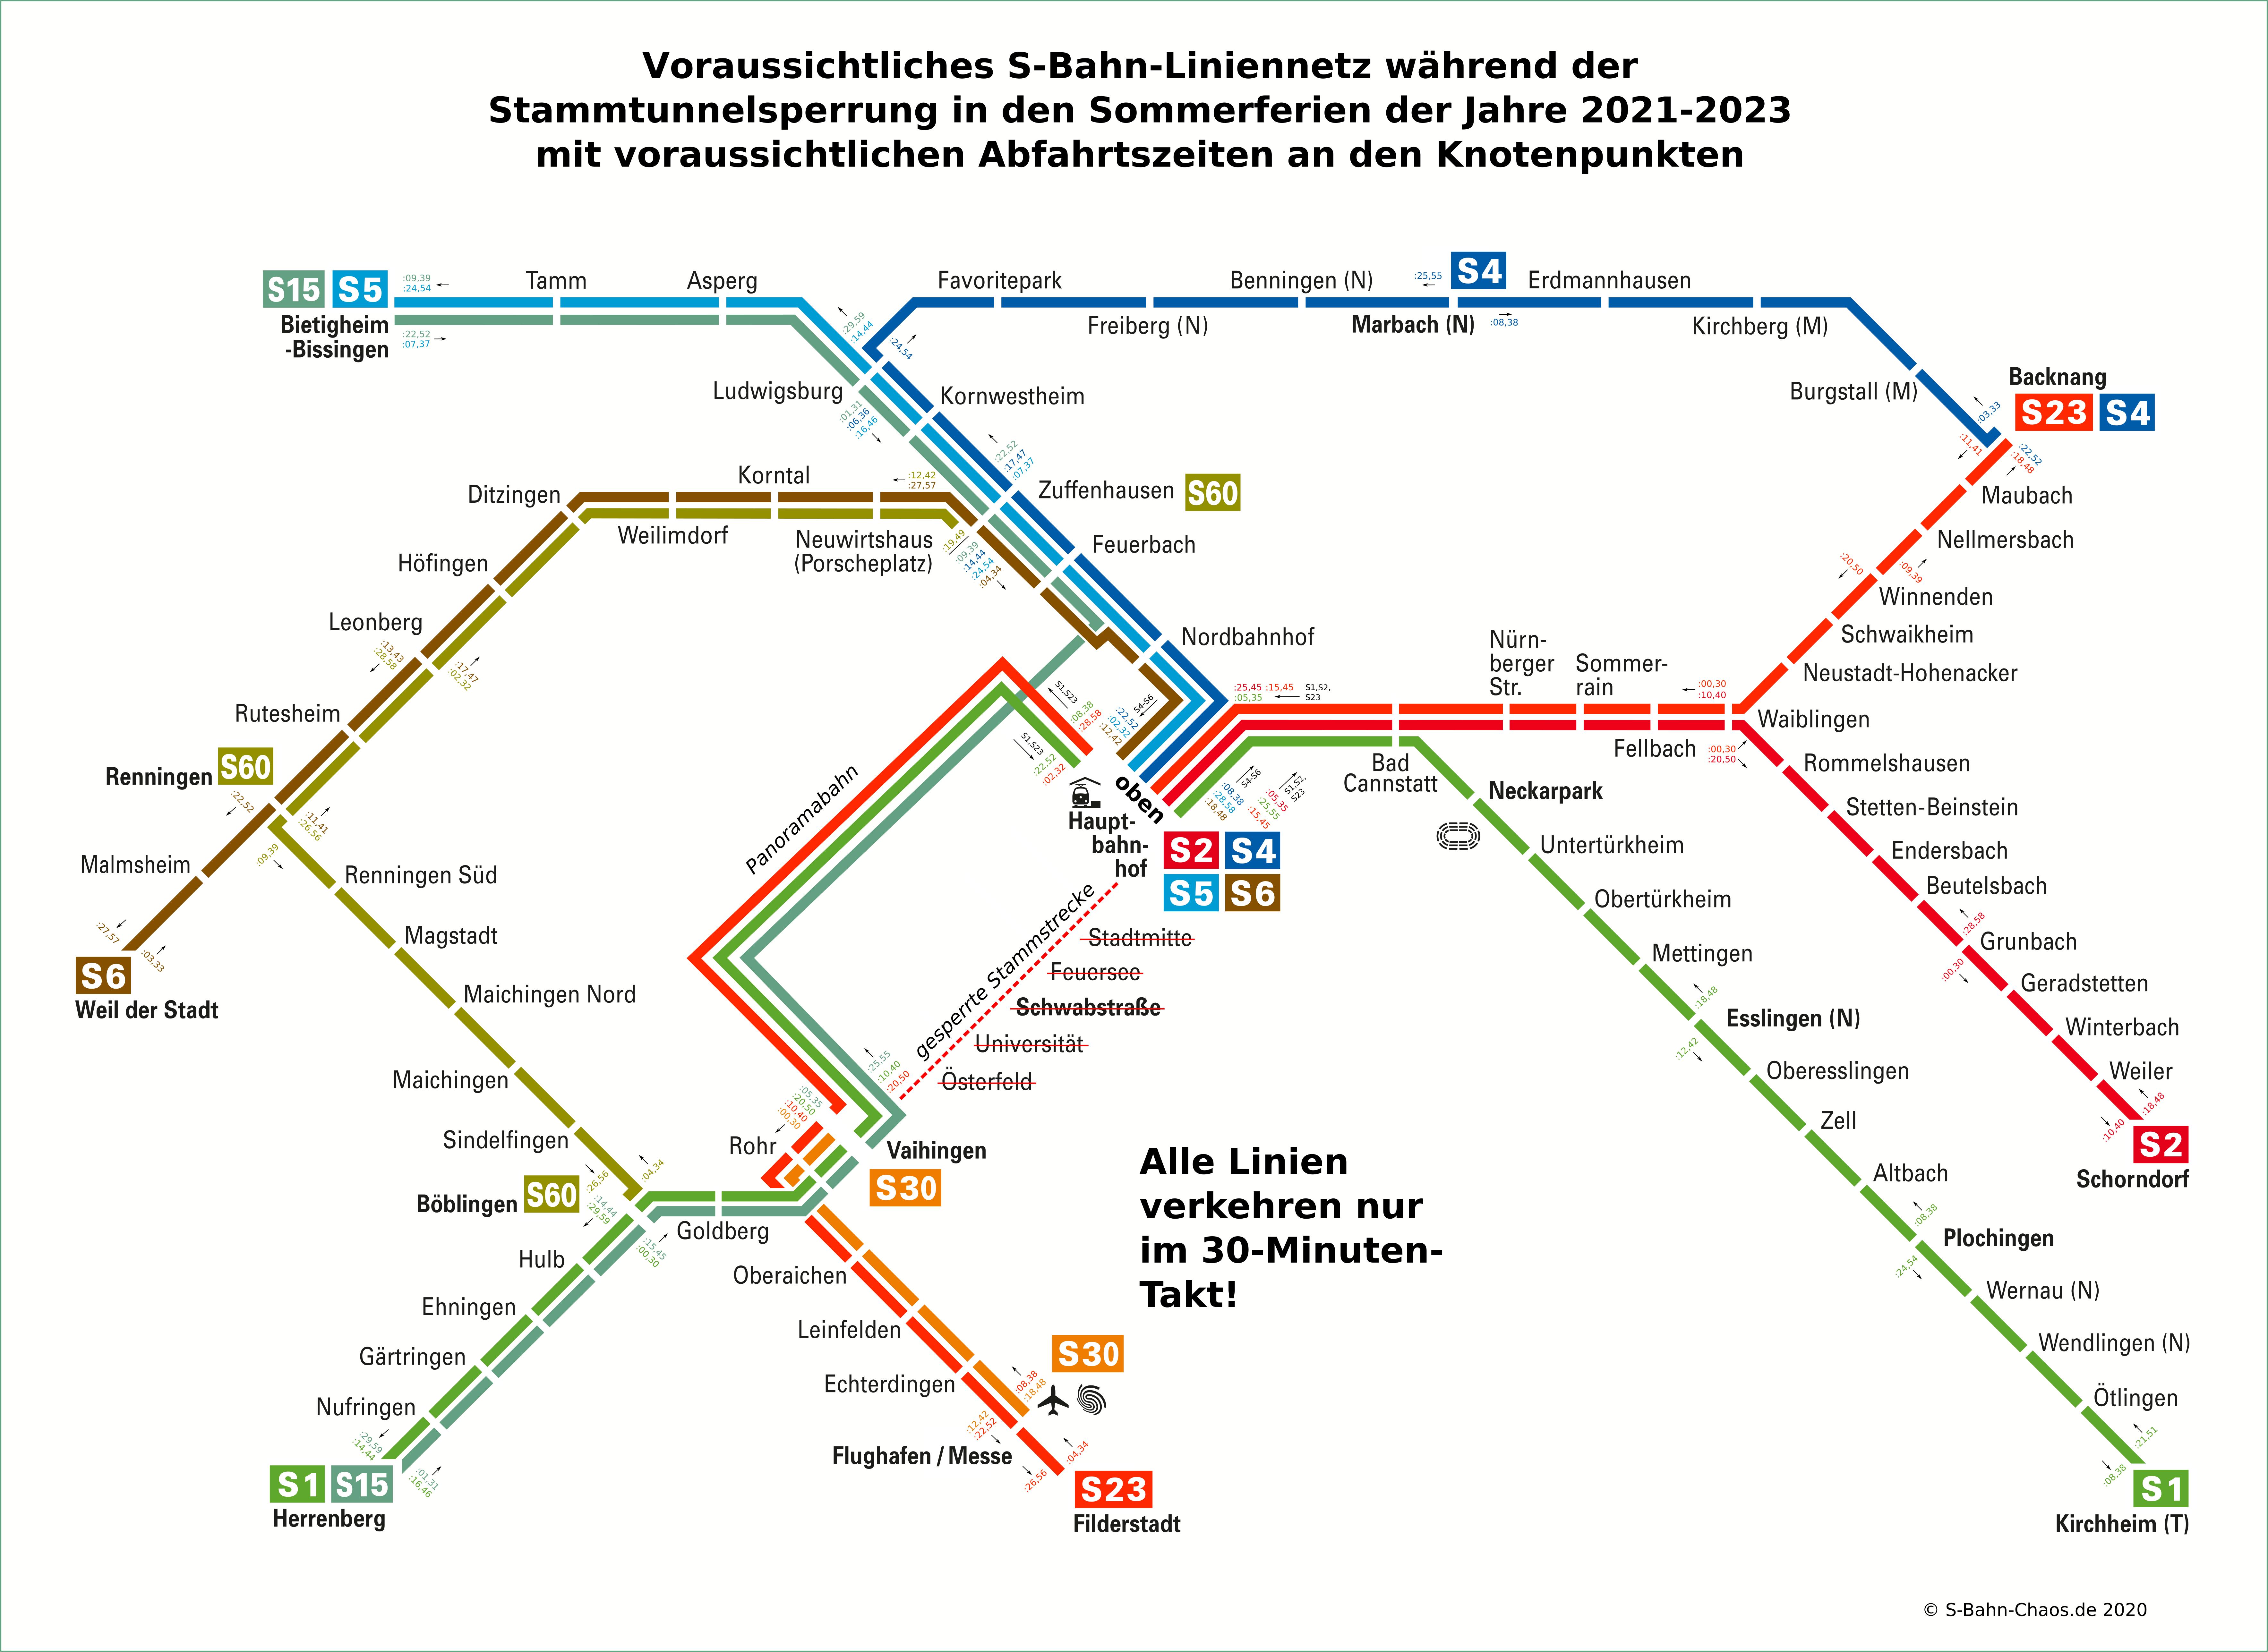 voraussichtliches Liniennetz während der Stammtunnelsperrungen in den Sommerferien 2021-2023 mit Taktzeiten